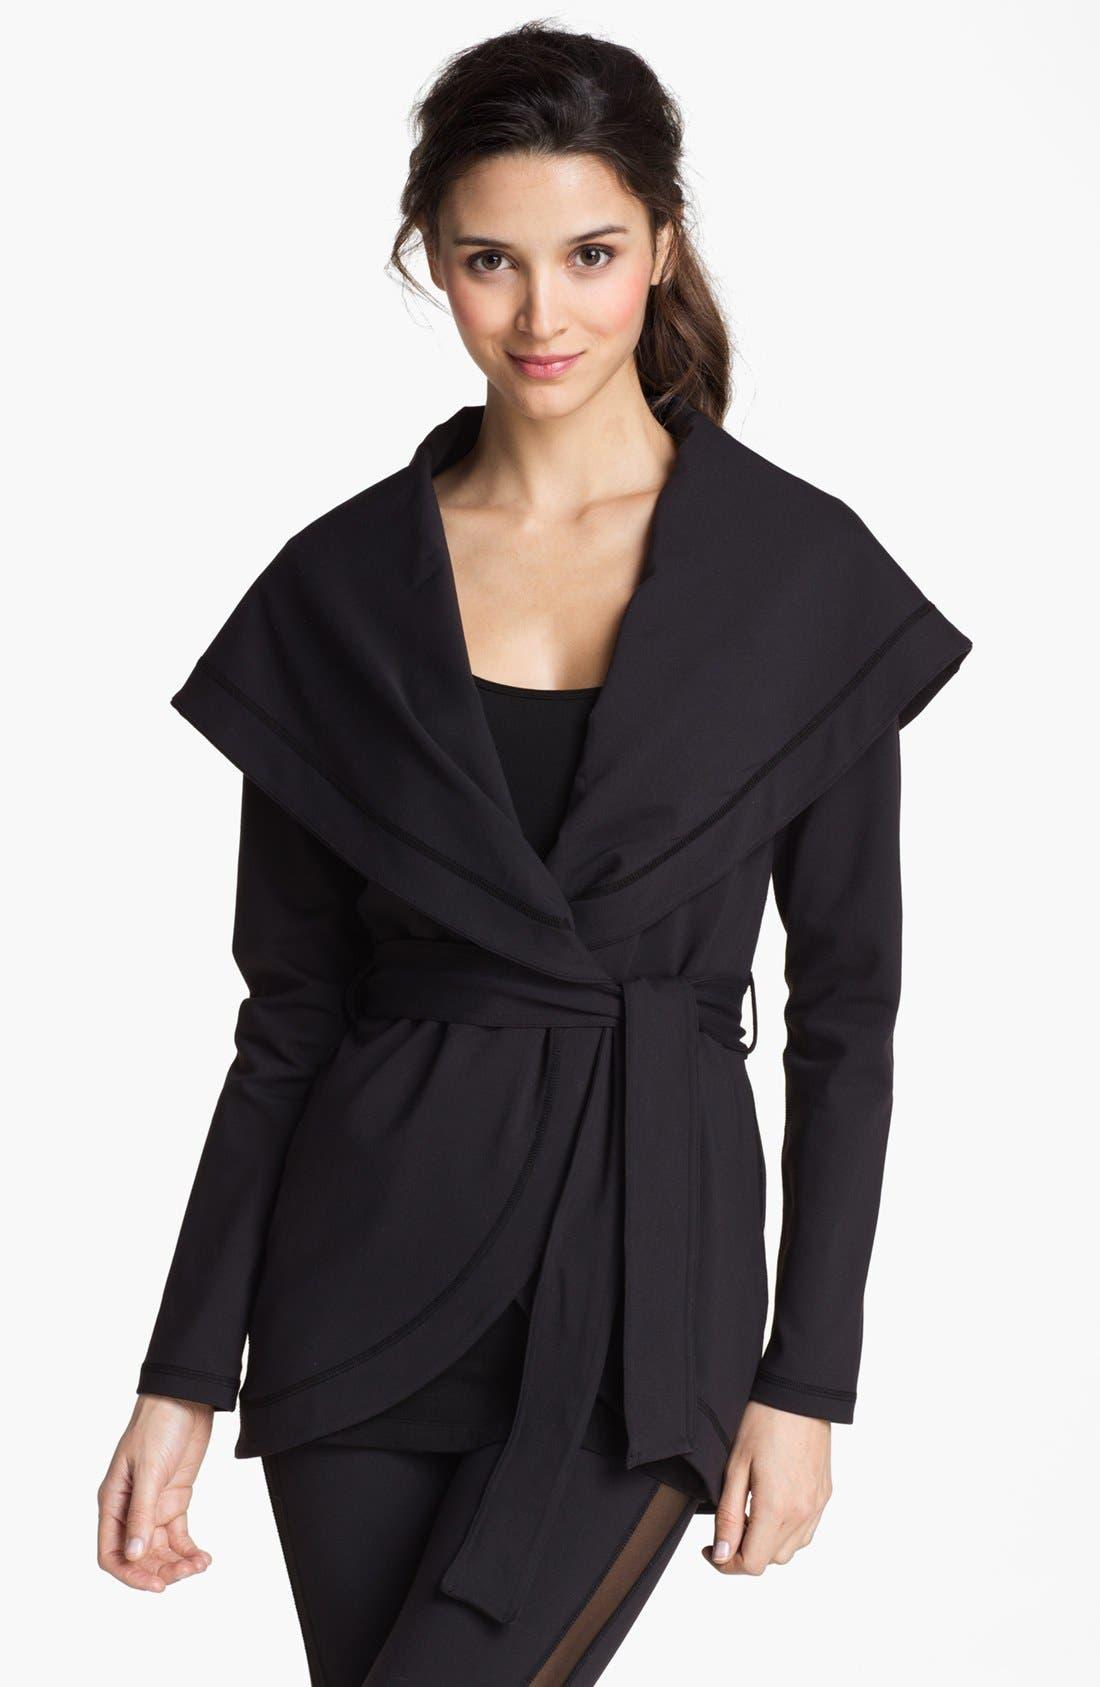 Alternate Image 1 Selected - Karma 'Ethel' Wrap Jacket